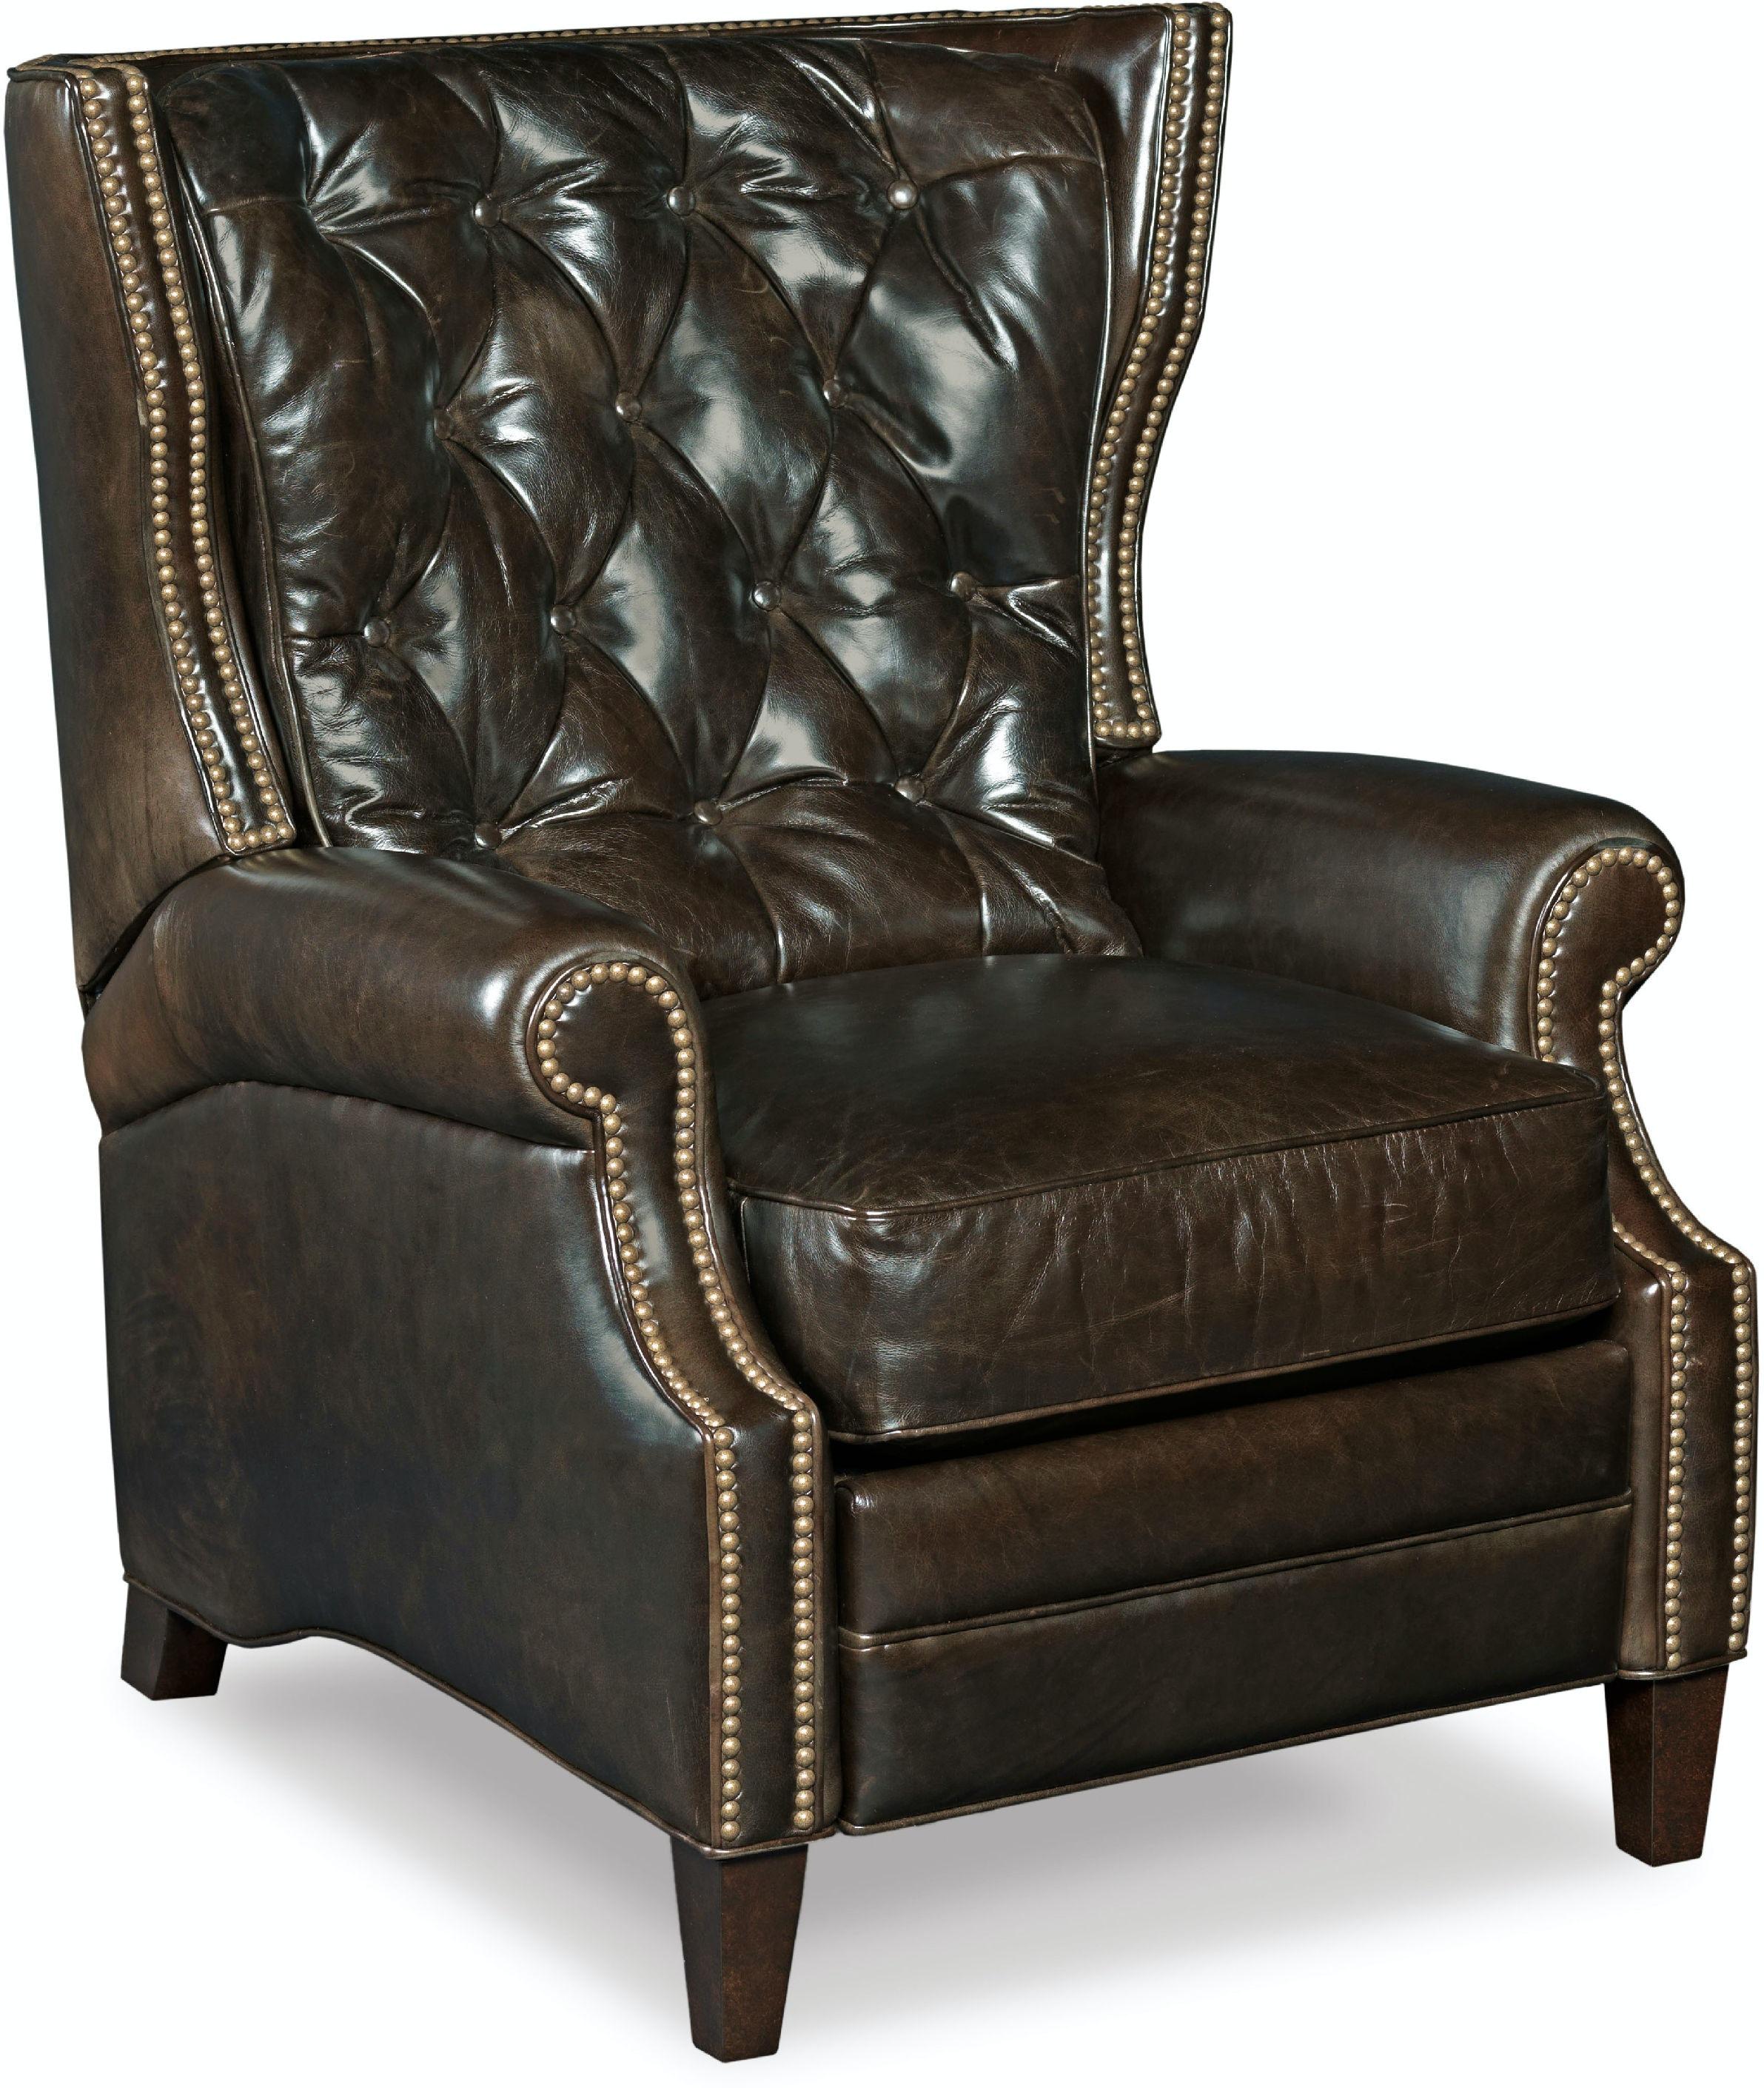 Prime Hooker Furniture Living Room Hudson Recliner Rc159 089 Ncnpc Chair Design For Home Ncnpcorg